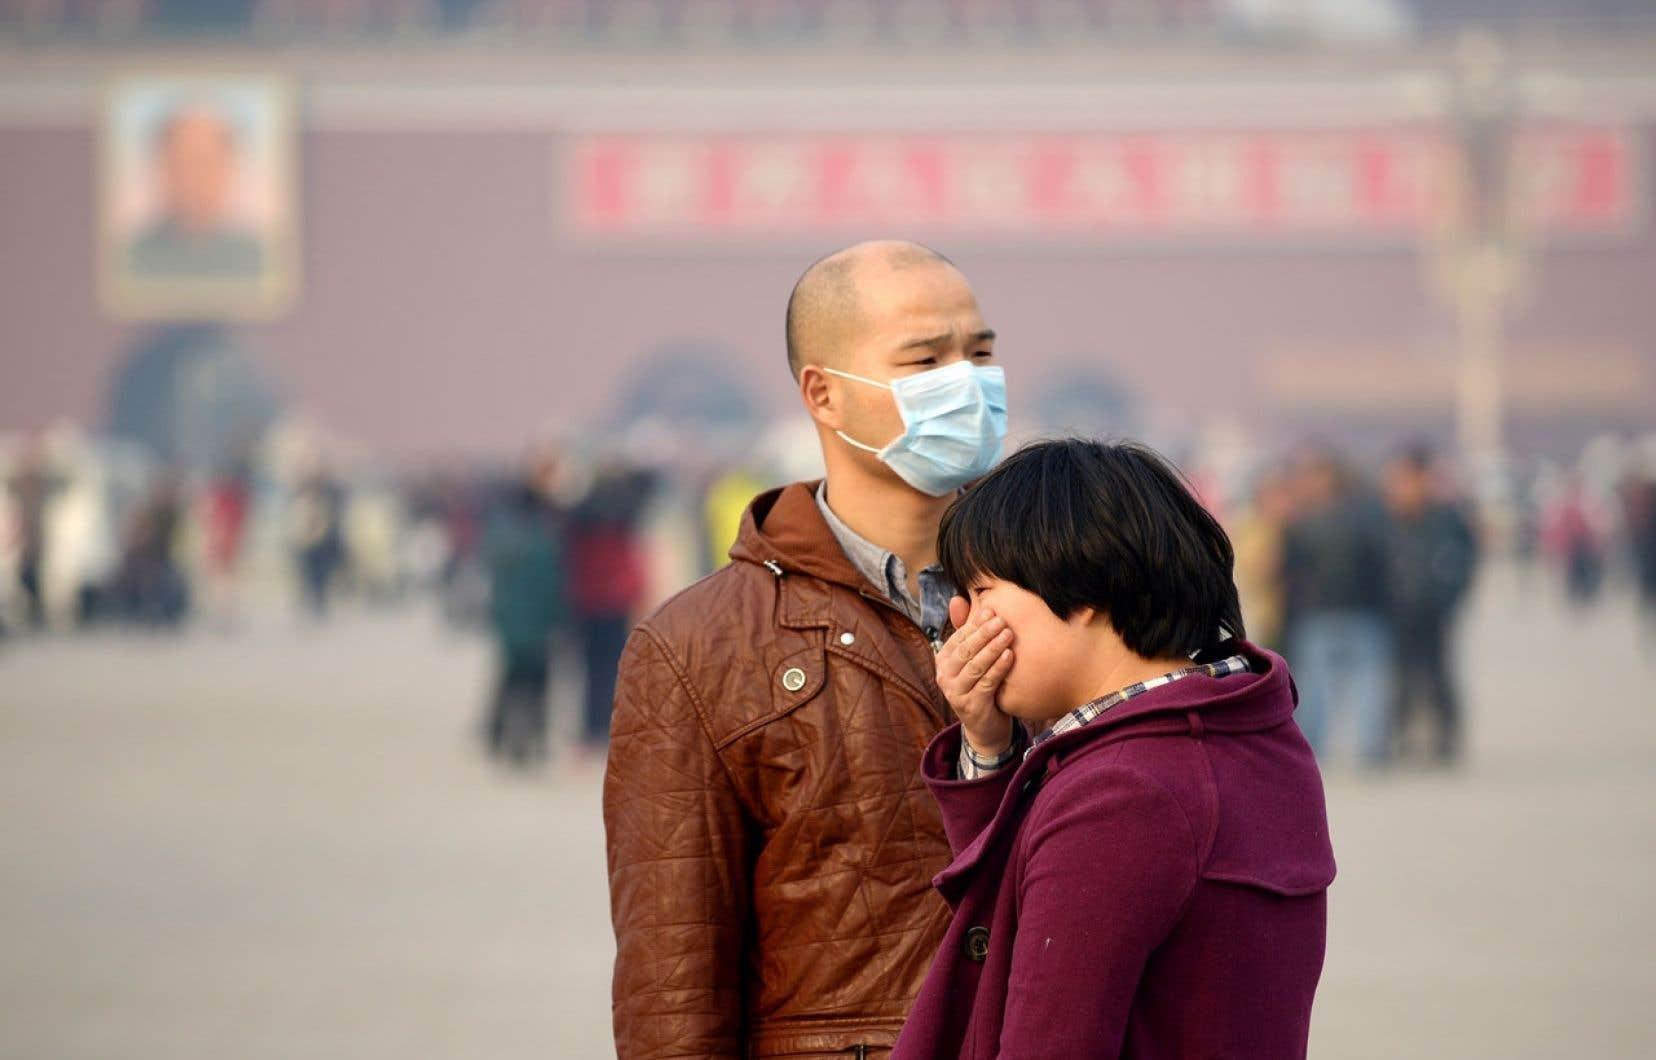 La Chine est responsable de 8% des bouleversements climatiques. Les épisodes prolongés de smog urbain y sont fréquents.